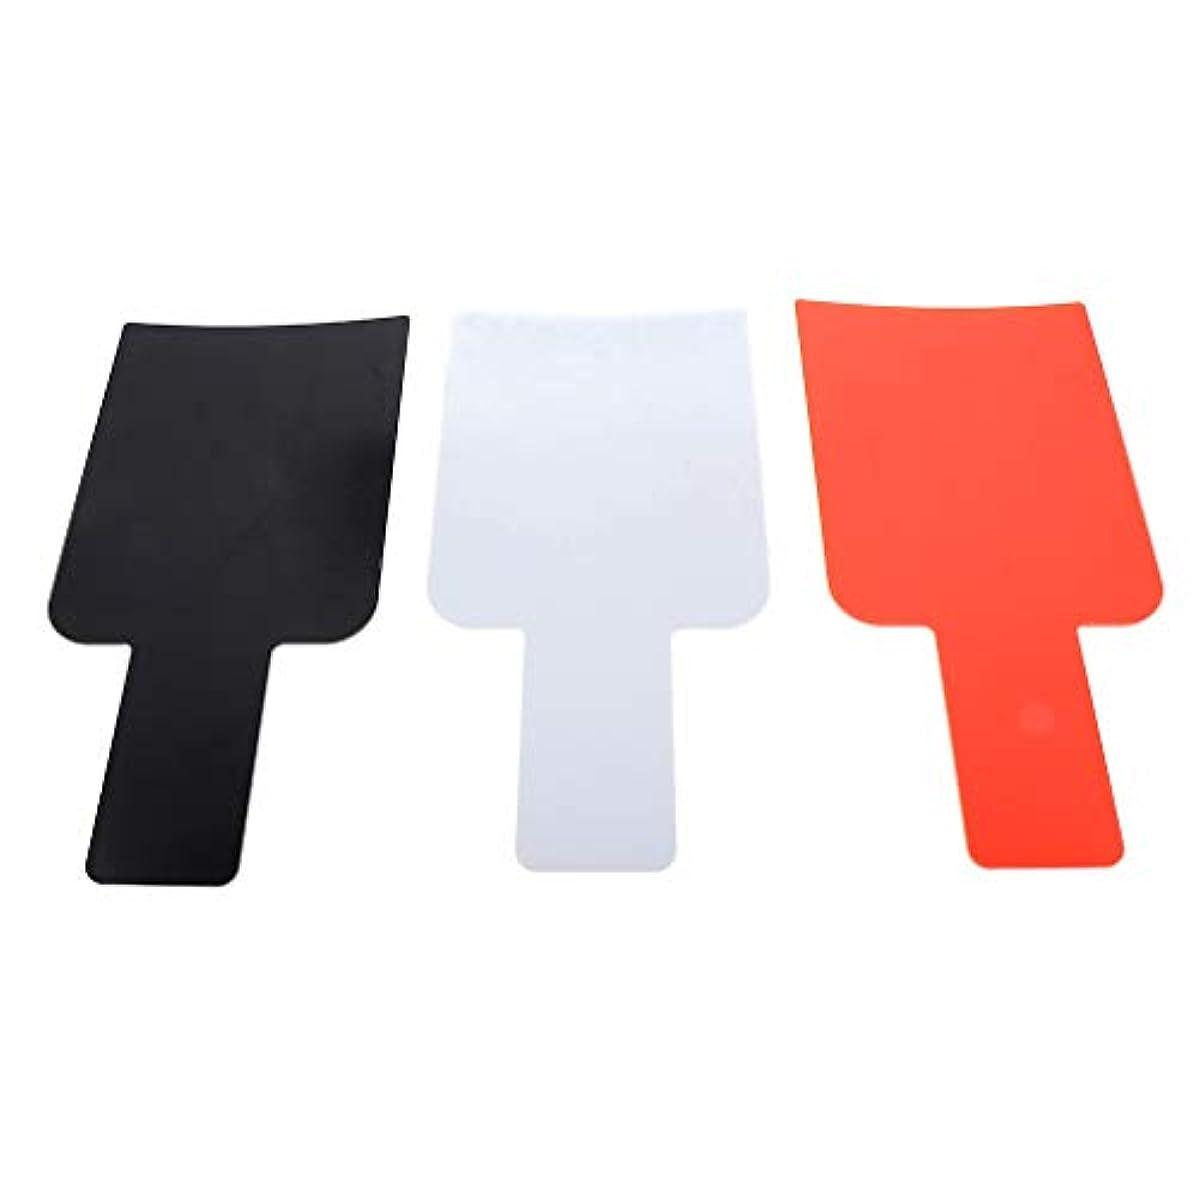 テクスチャー領域ショップハイライトボード ヘアカラーボード DIY髪染め用 毛染め ヘアカラーの用具 使いやすい 3個入